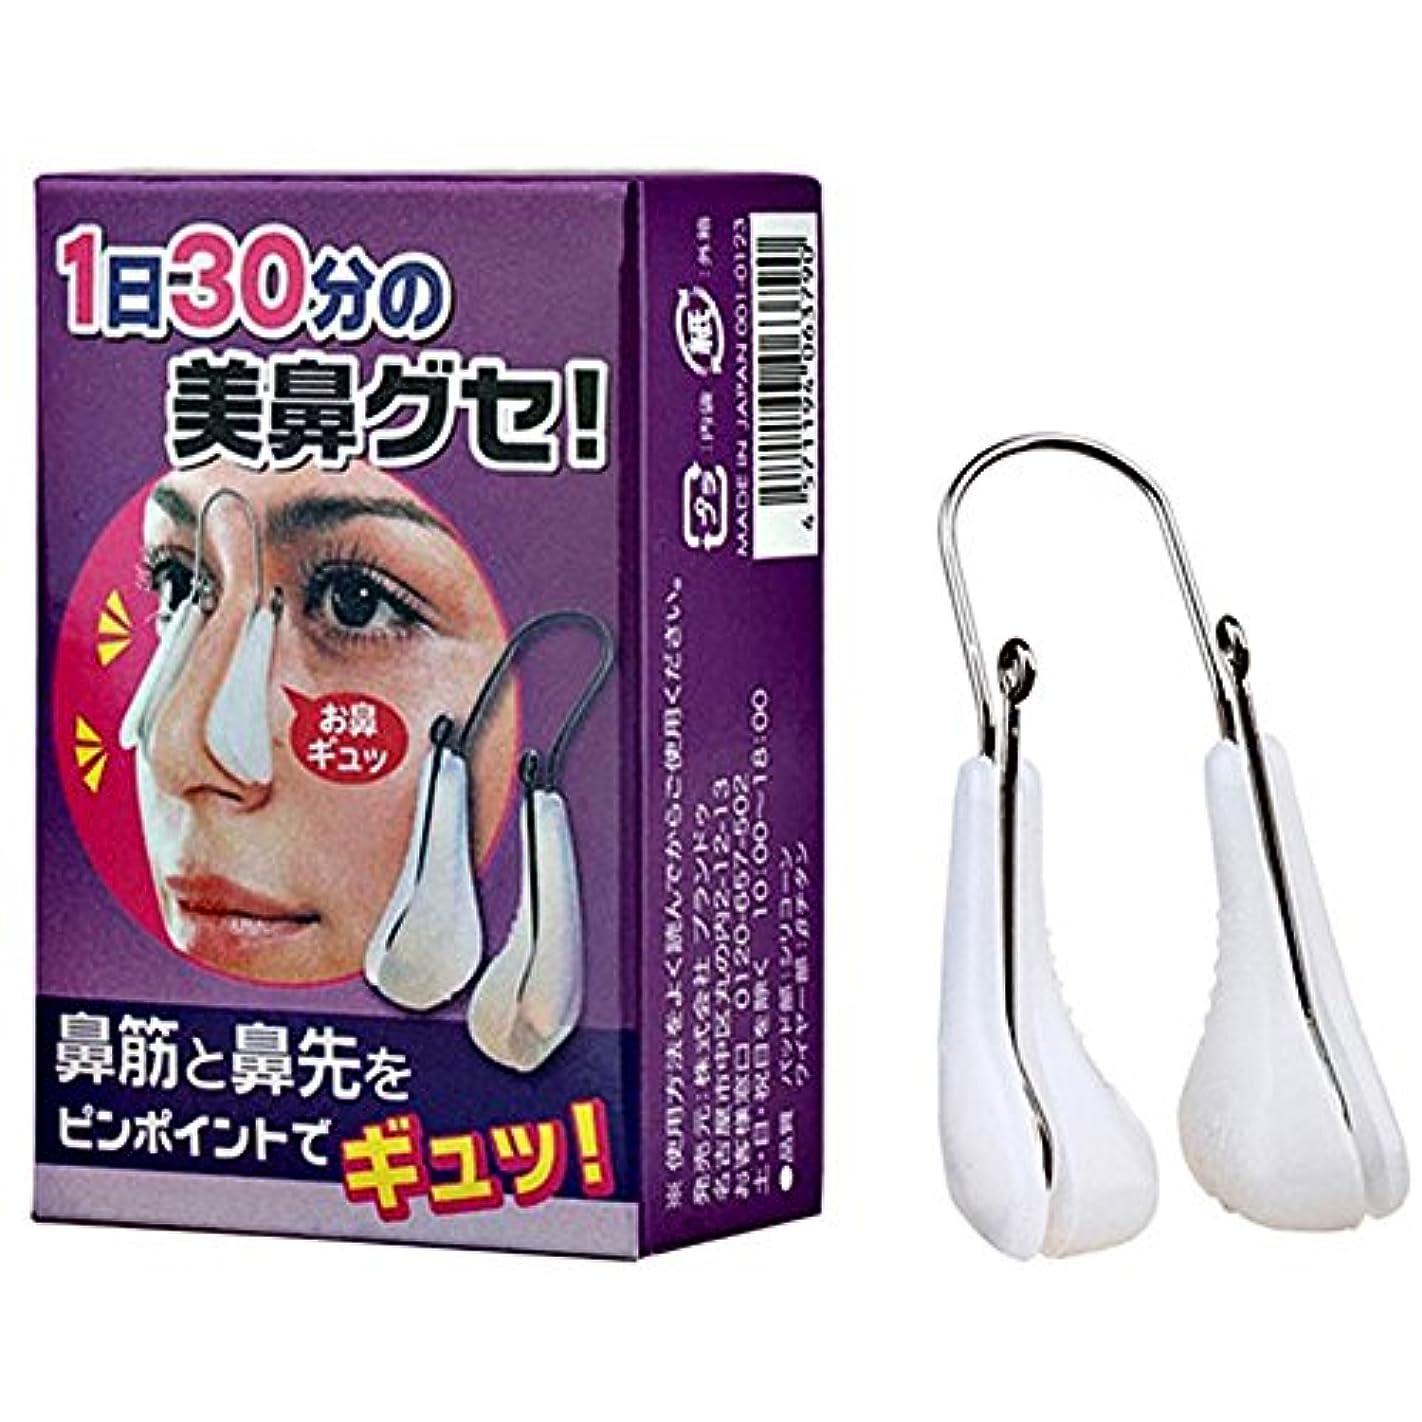 モニカ倉庫ソート鼻筋ビューティー 鼻クリップ 鼻矯正 鼻美容 1日30分 美鼻ケア